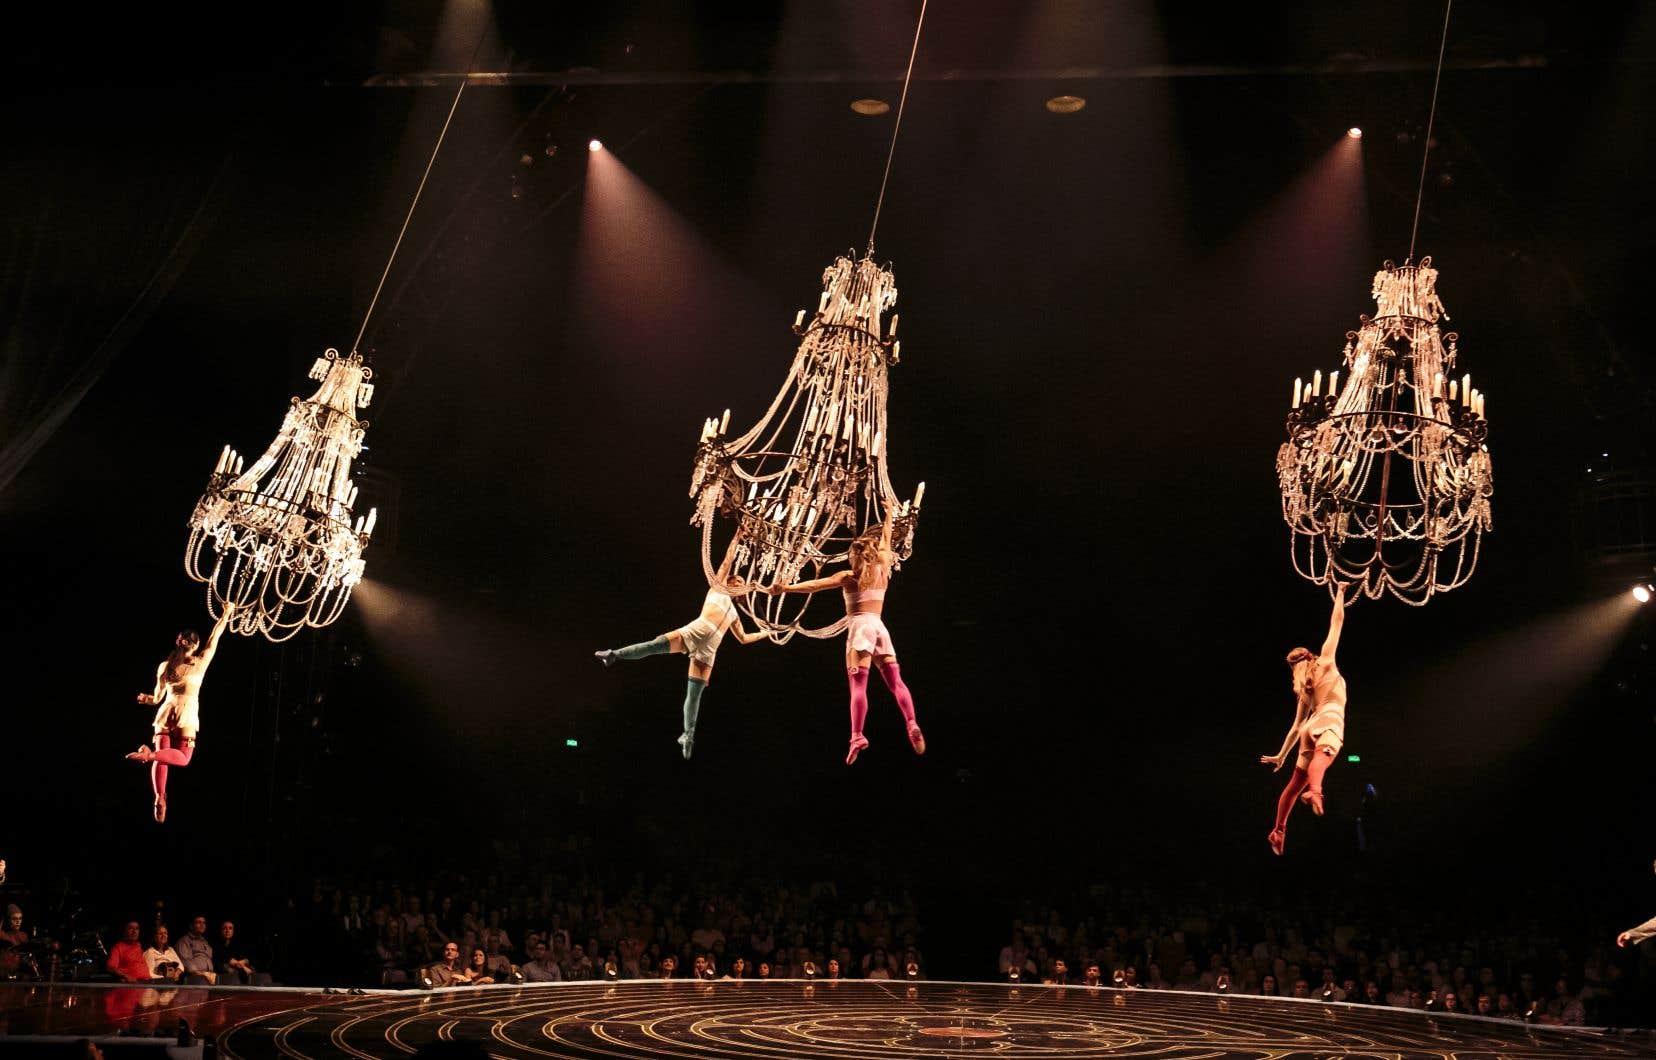 Au Canada, le Cirque, qui est privé de revenus en raison de la pandémie de COVID-19, s'est tourné vers la Loi sur les arrangements avec les créanciers des compagnies (LACC), une décision qui s'est notamment soldée par 3480 licenciements